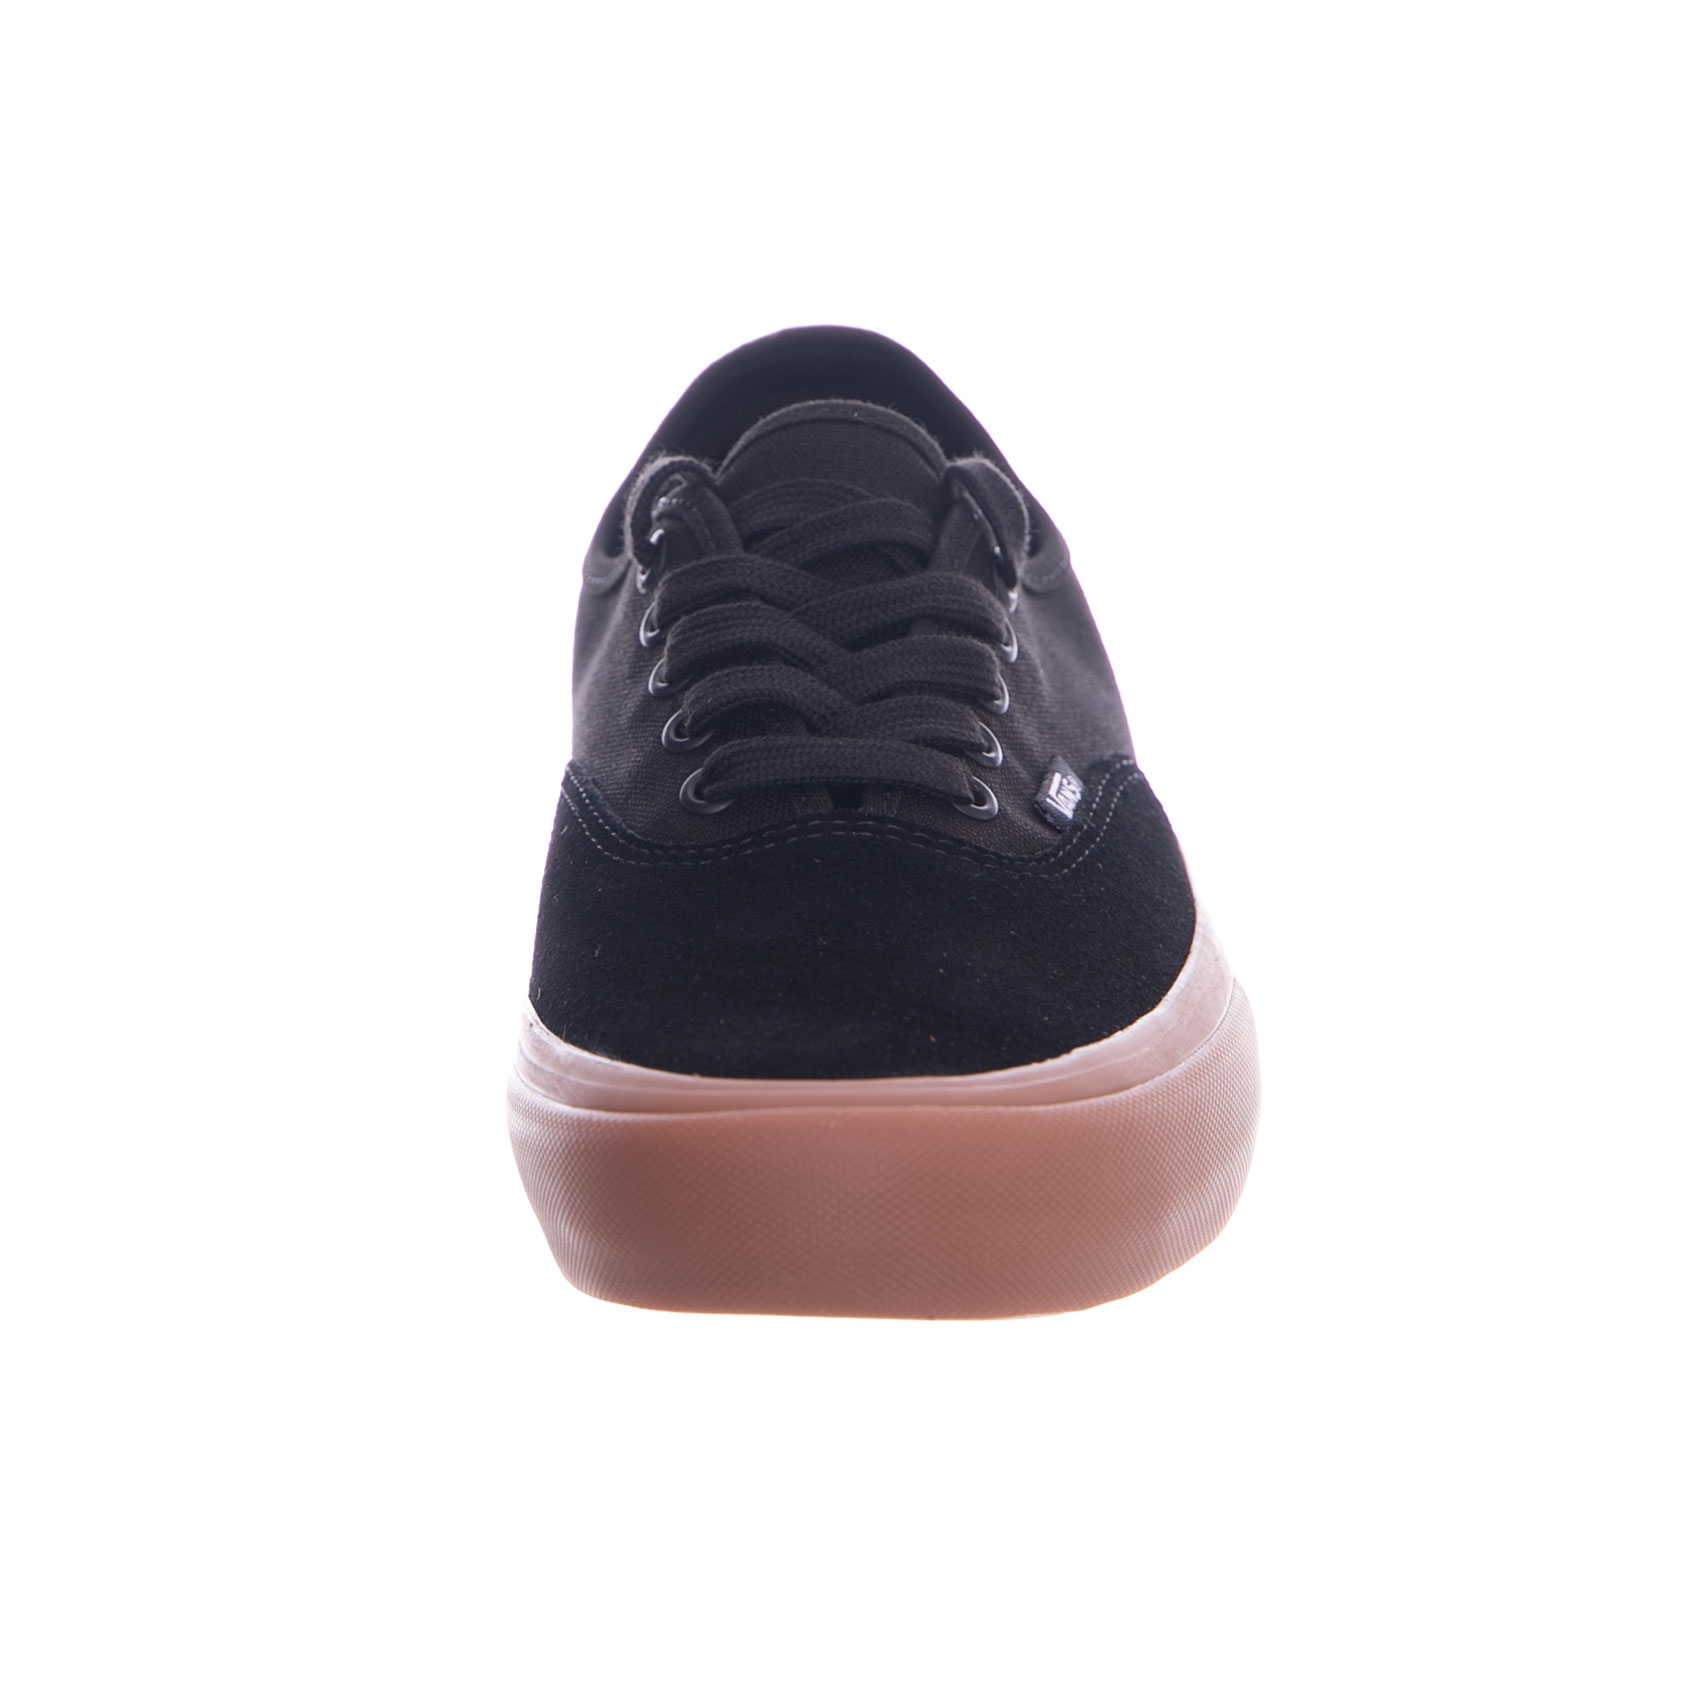 Baskets Black Pro M classique Gomme Noir Authentique Vans d6Uxnd